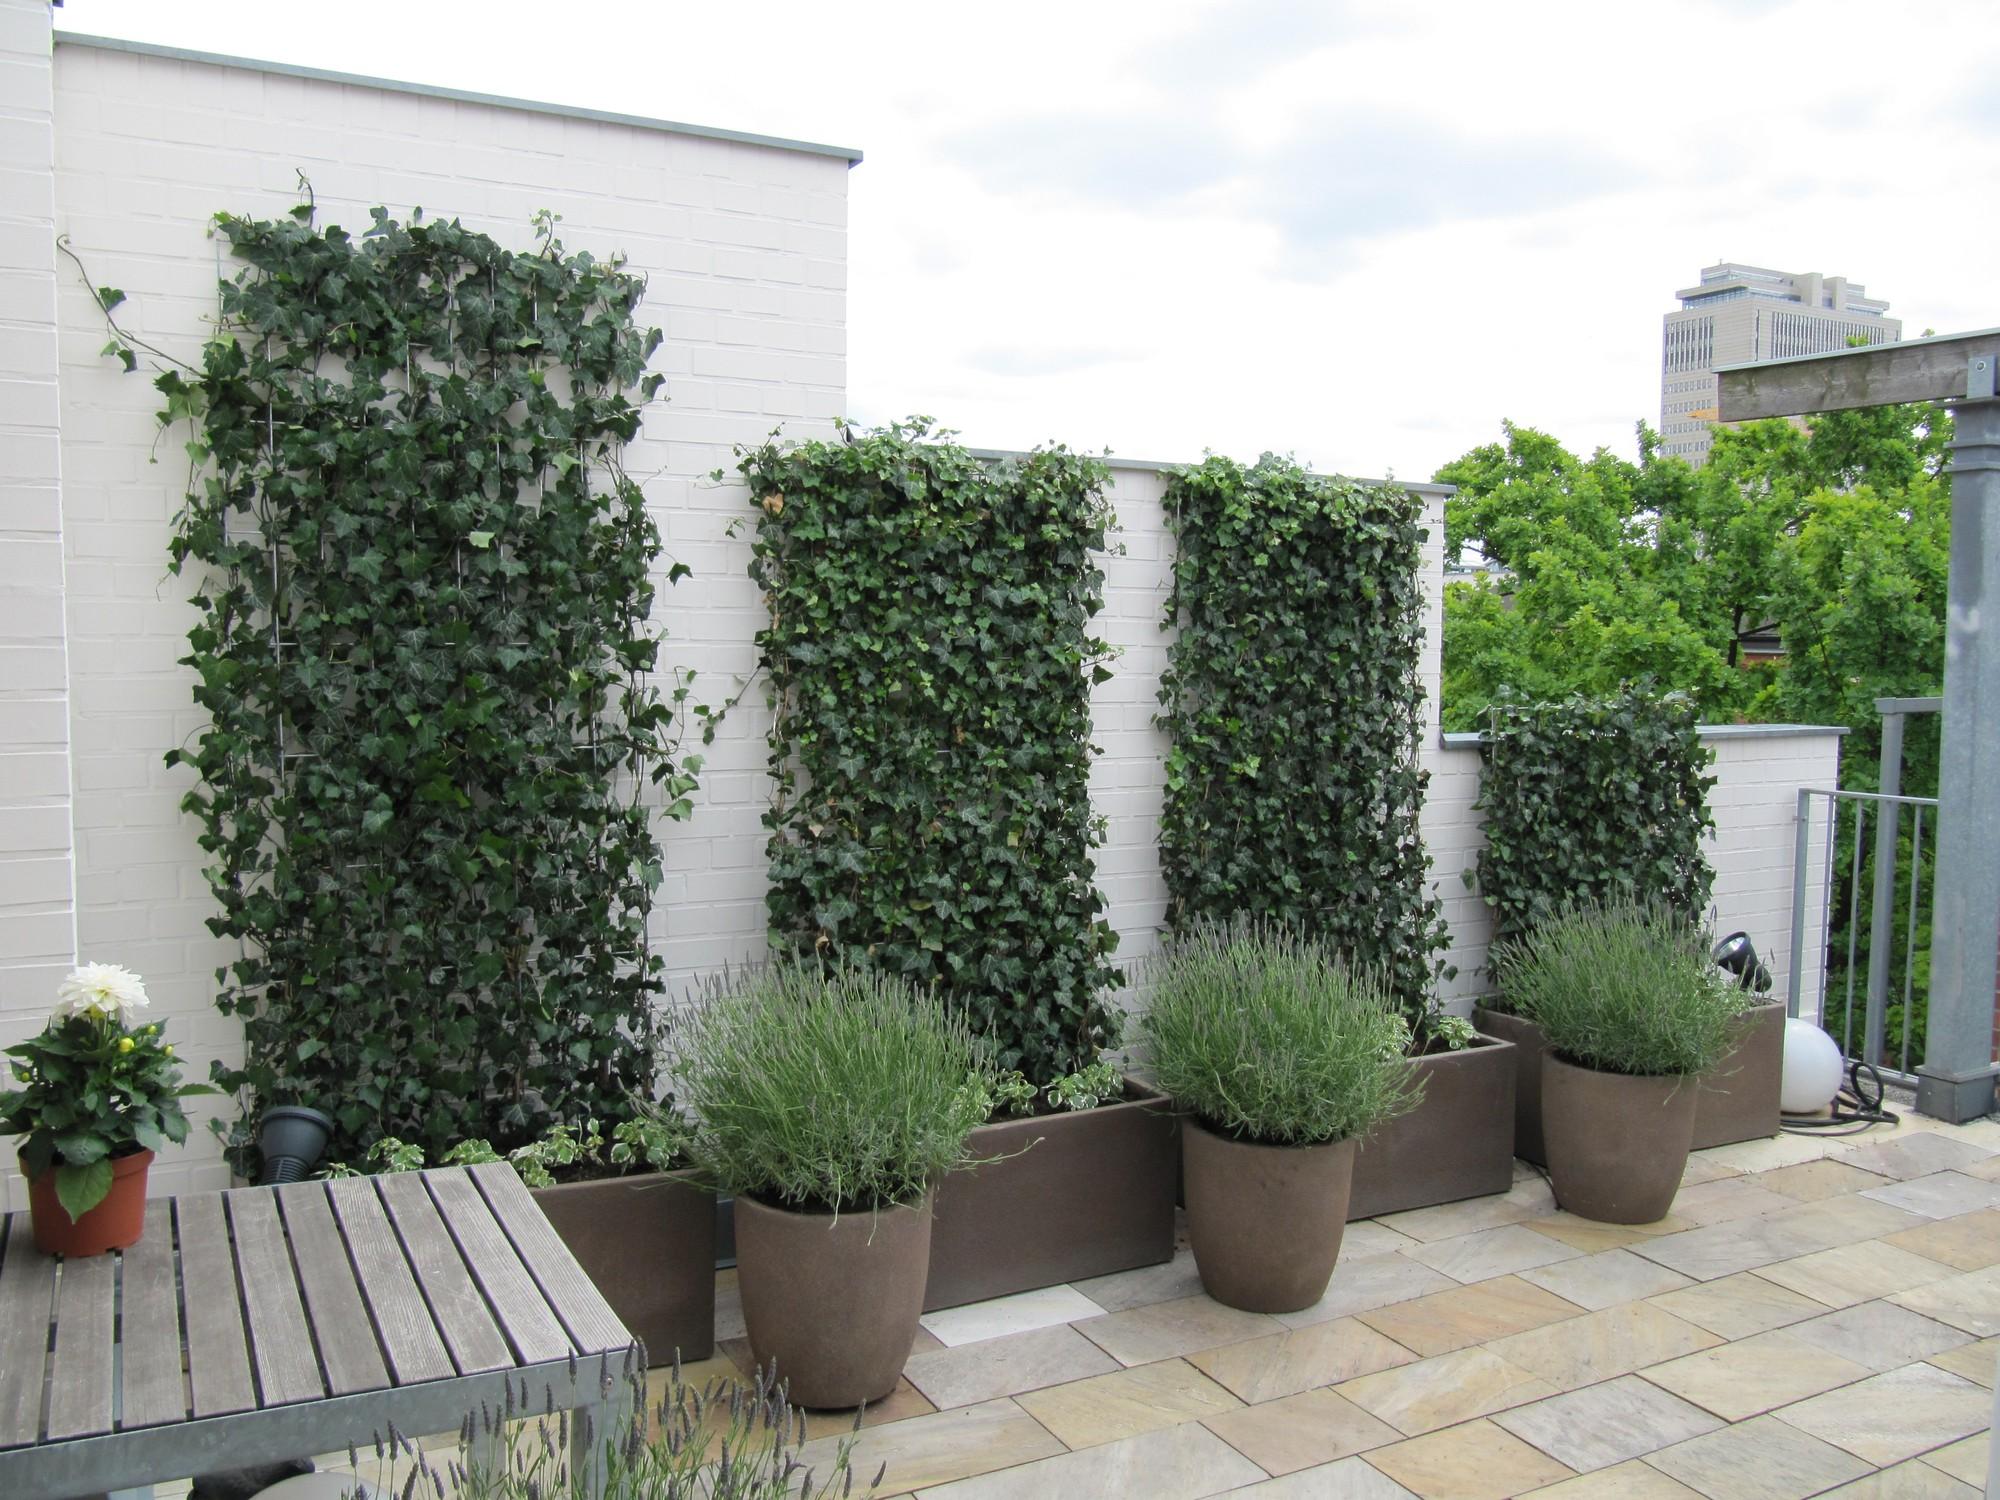 Ideen für moderne Terrassengestaltung: Mediterrane Terrassengestaltung mit immergrünen Gehölzen und winterharten Gefäßen, Begrünung der Wandbereiche auf der Dachterrasse